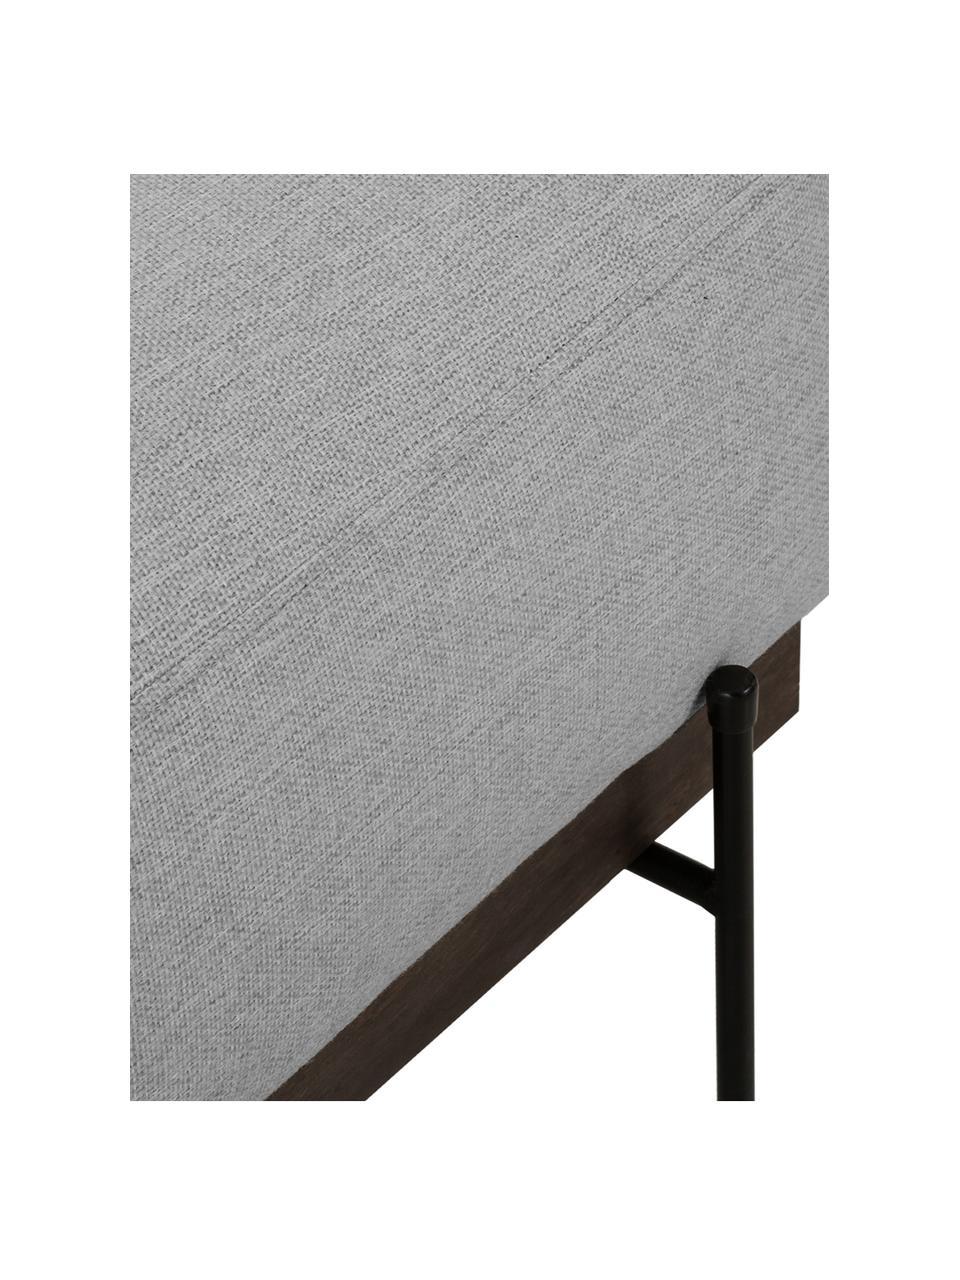 Sofa-Hocker Brooks in Grau mit Metall-Füßen, Bezug: Polyester Der Bezug ist n, Gestell: Kiefernholz, massiv, Rahmen: Kiefernholz, lackiert, Füße: Metall, pulverbeschichtet, Webstoff Grau, 80 x 43 cm